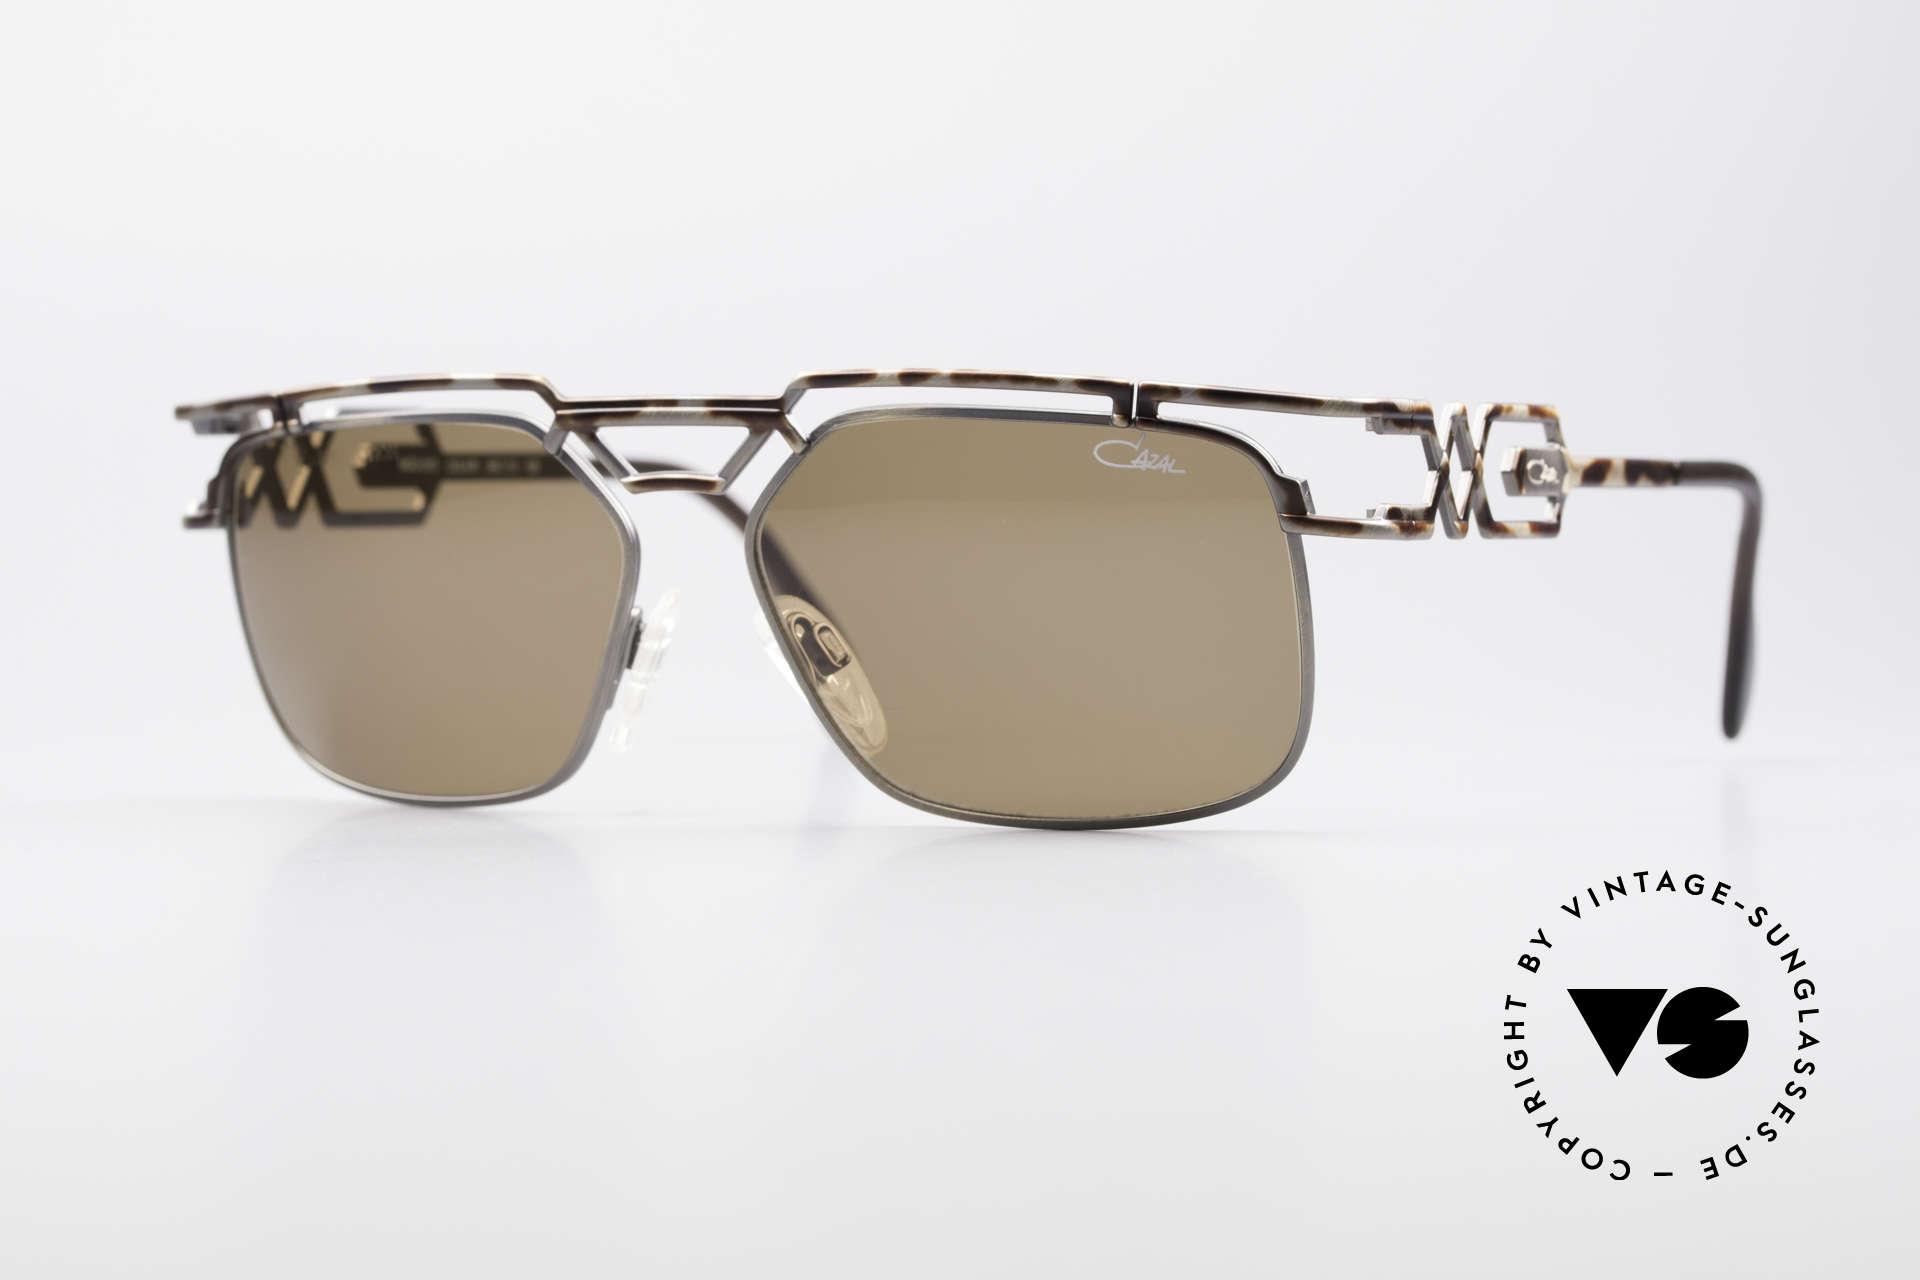 Cazal 973 High-End Designer Sunglasses, monumental DESIGNER sunglasses from 1997 by CAZAL, Made for Men and Women